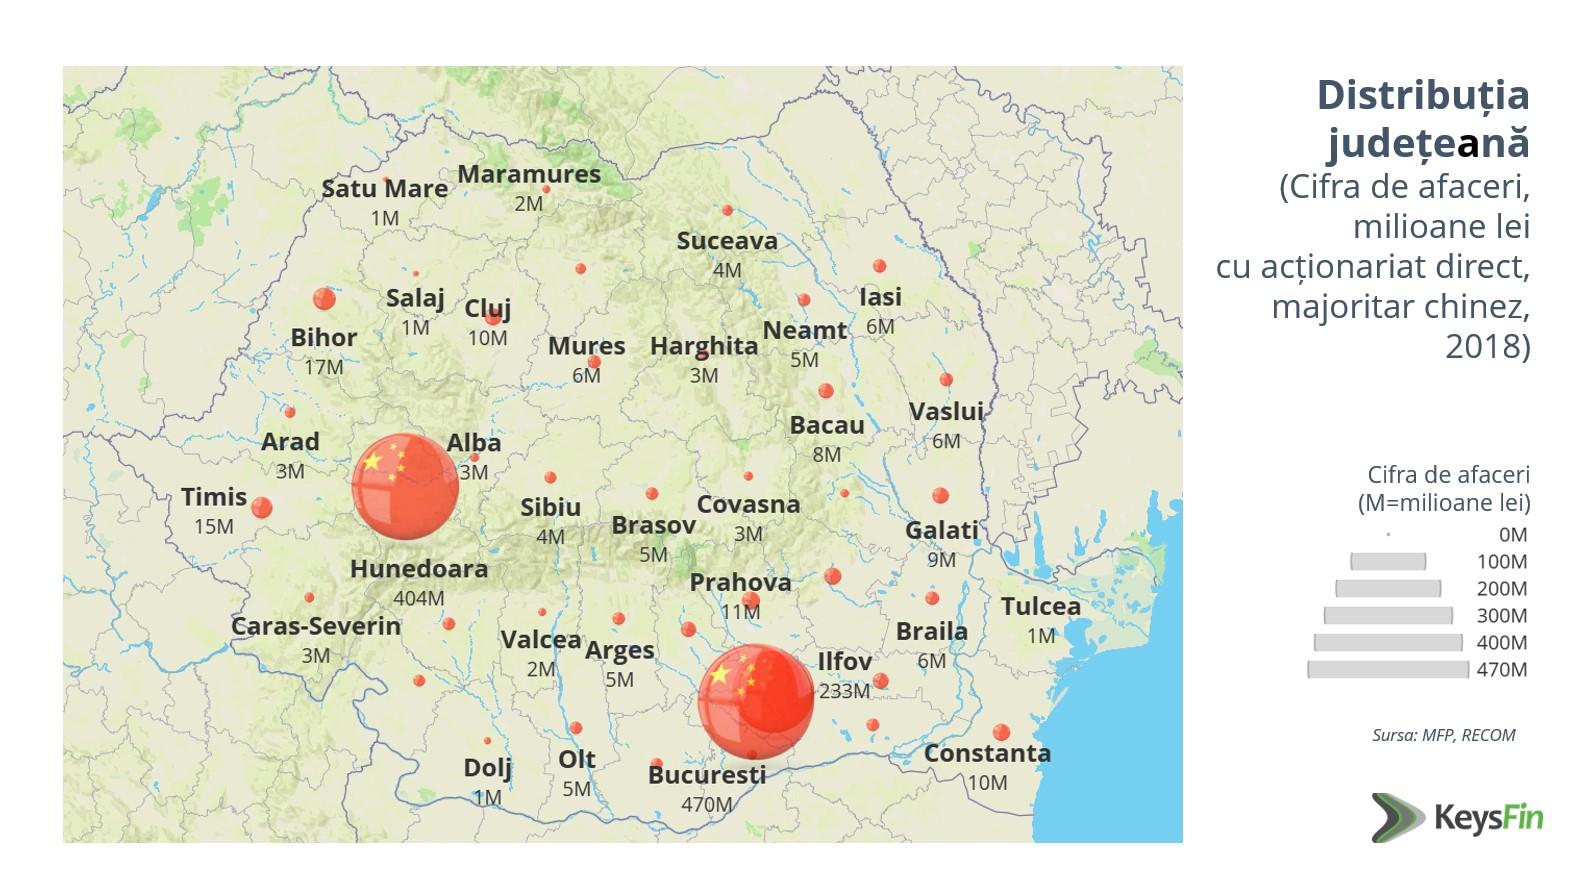 Coronavirus afectează și economia României. Comerțul de miliarde de euro cu China, în pericol? Analiză